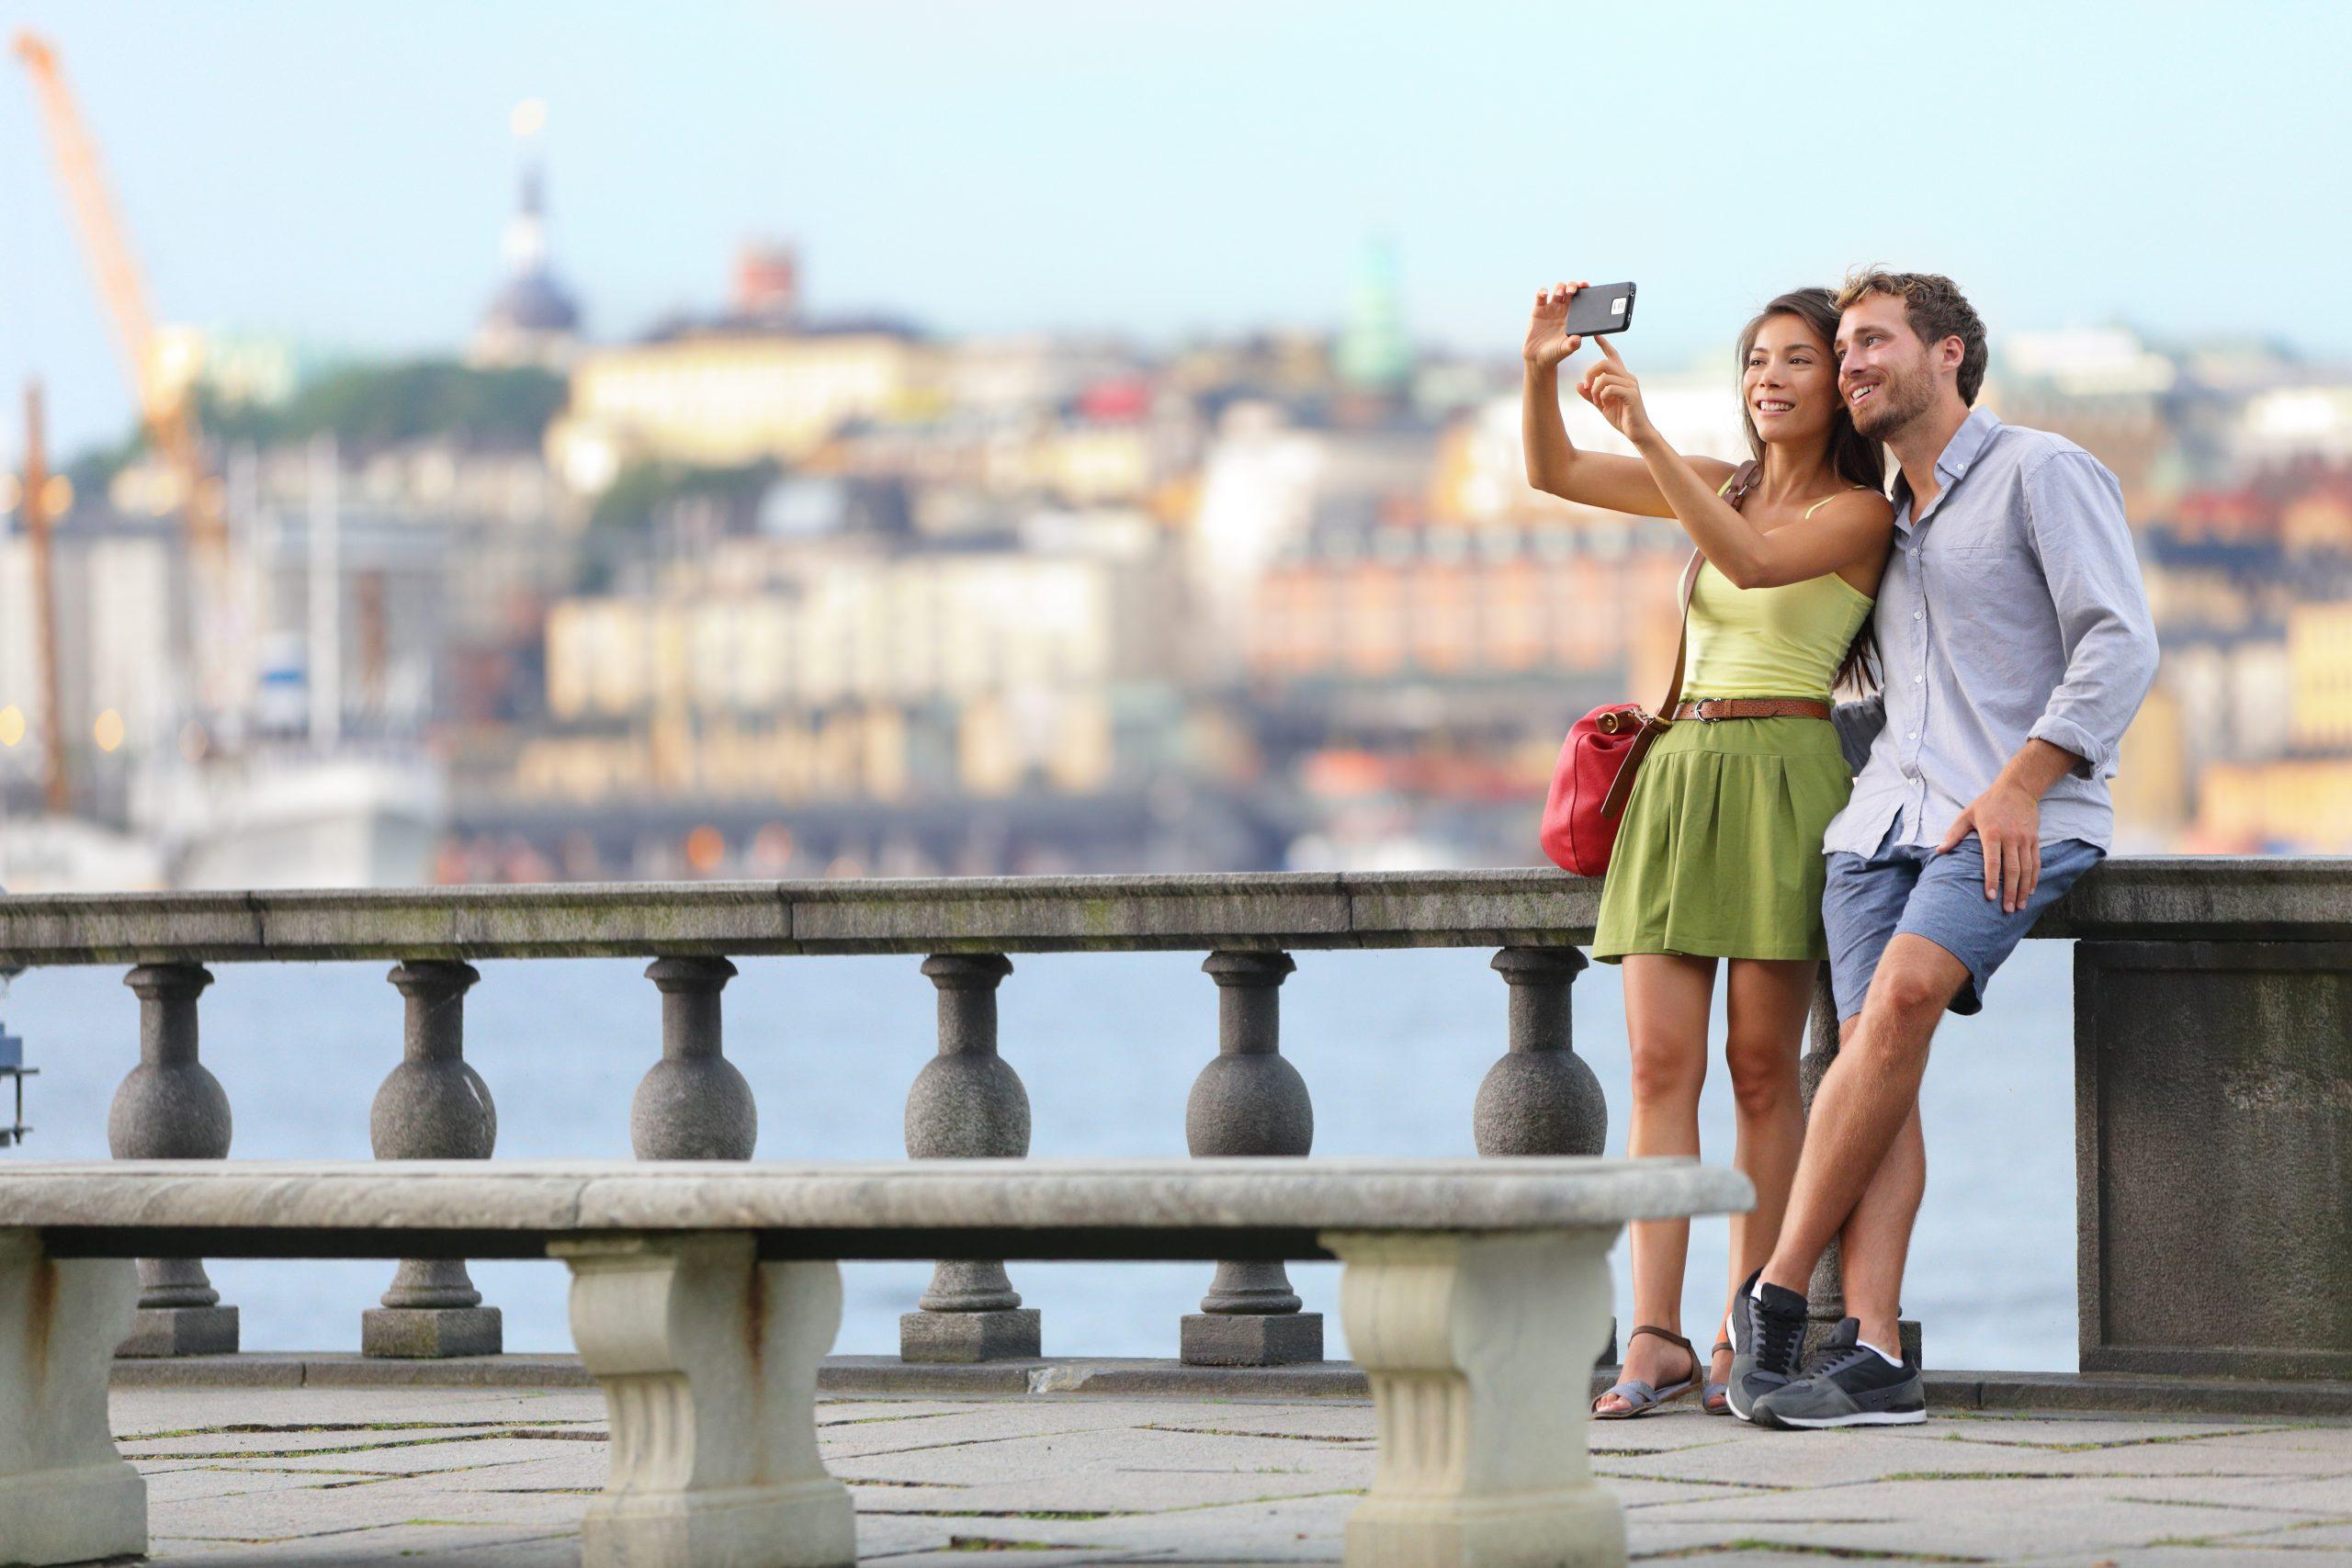 Efter Sverige var de seks lande som i år i uge 27-29 havde flest danske kunder fra teleselskabet 3 Tyskland, Italien, Spanien, Østrig, Frankrig og Grækenland. Pressefoto – fra Stockholm – leveret af teleselskabet 3.